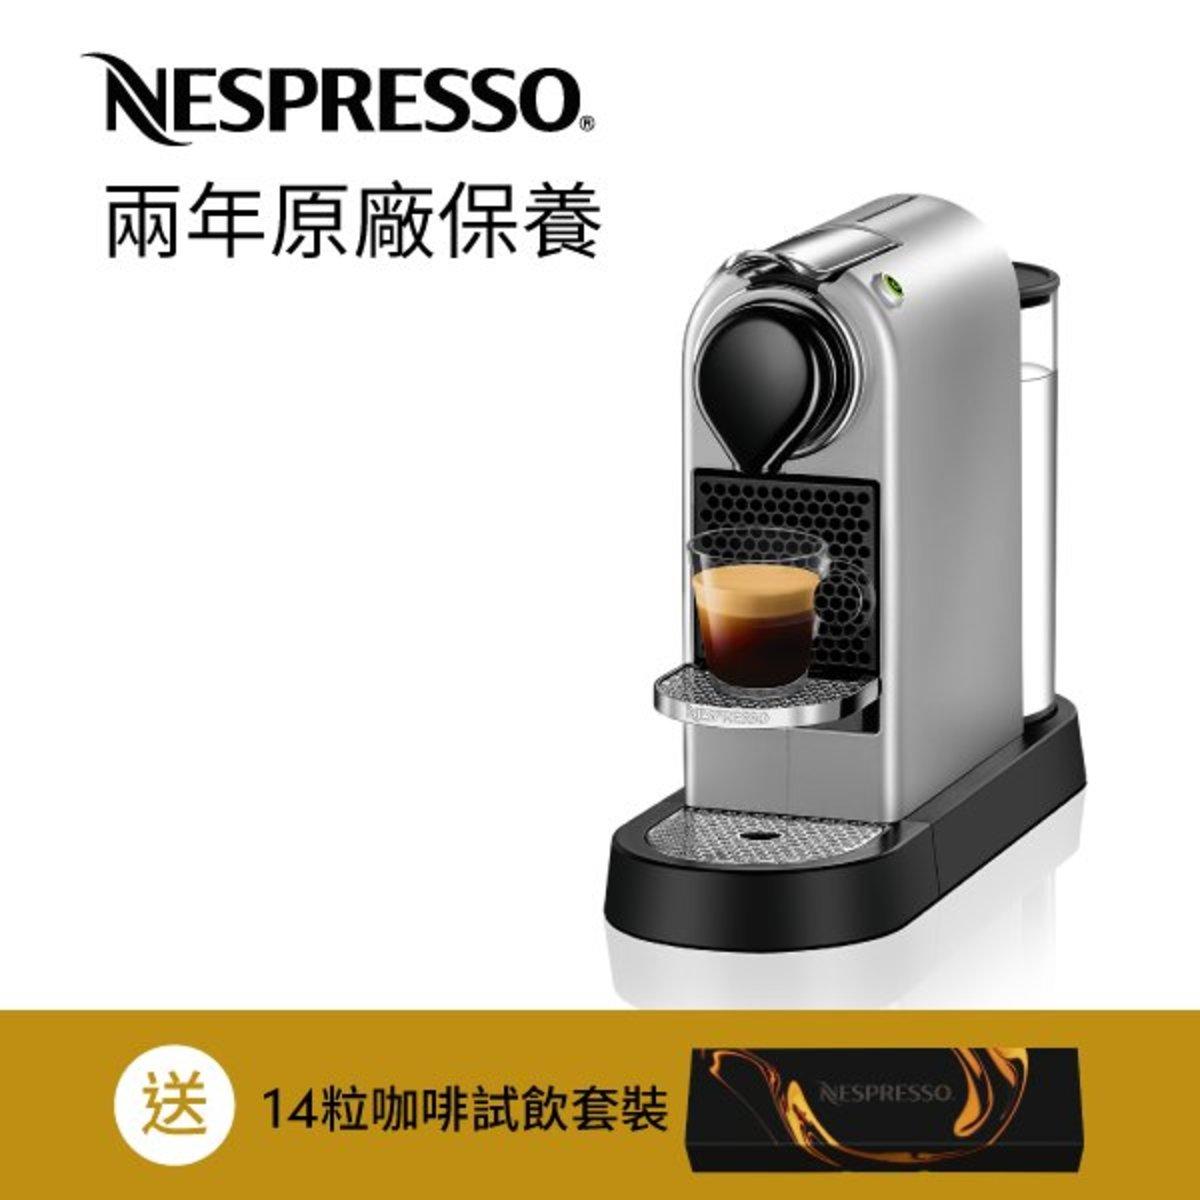 C113 Citiz Coffee Machine, Silver